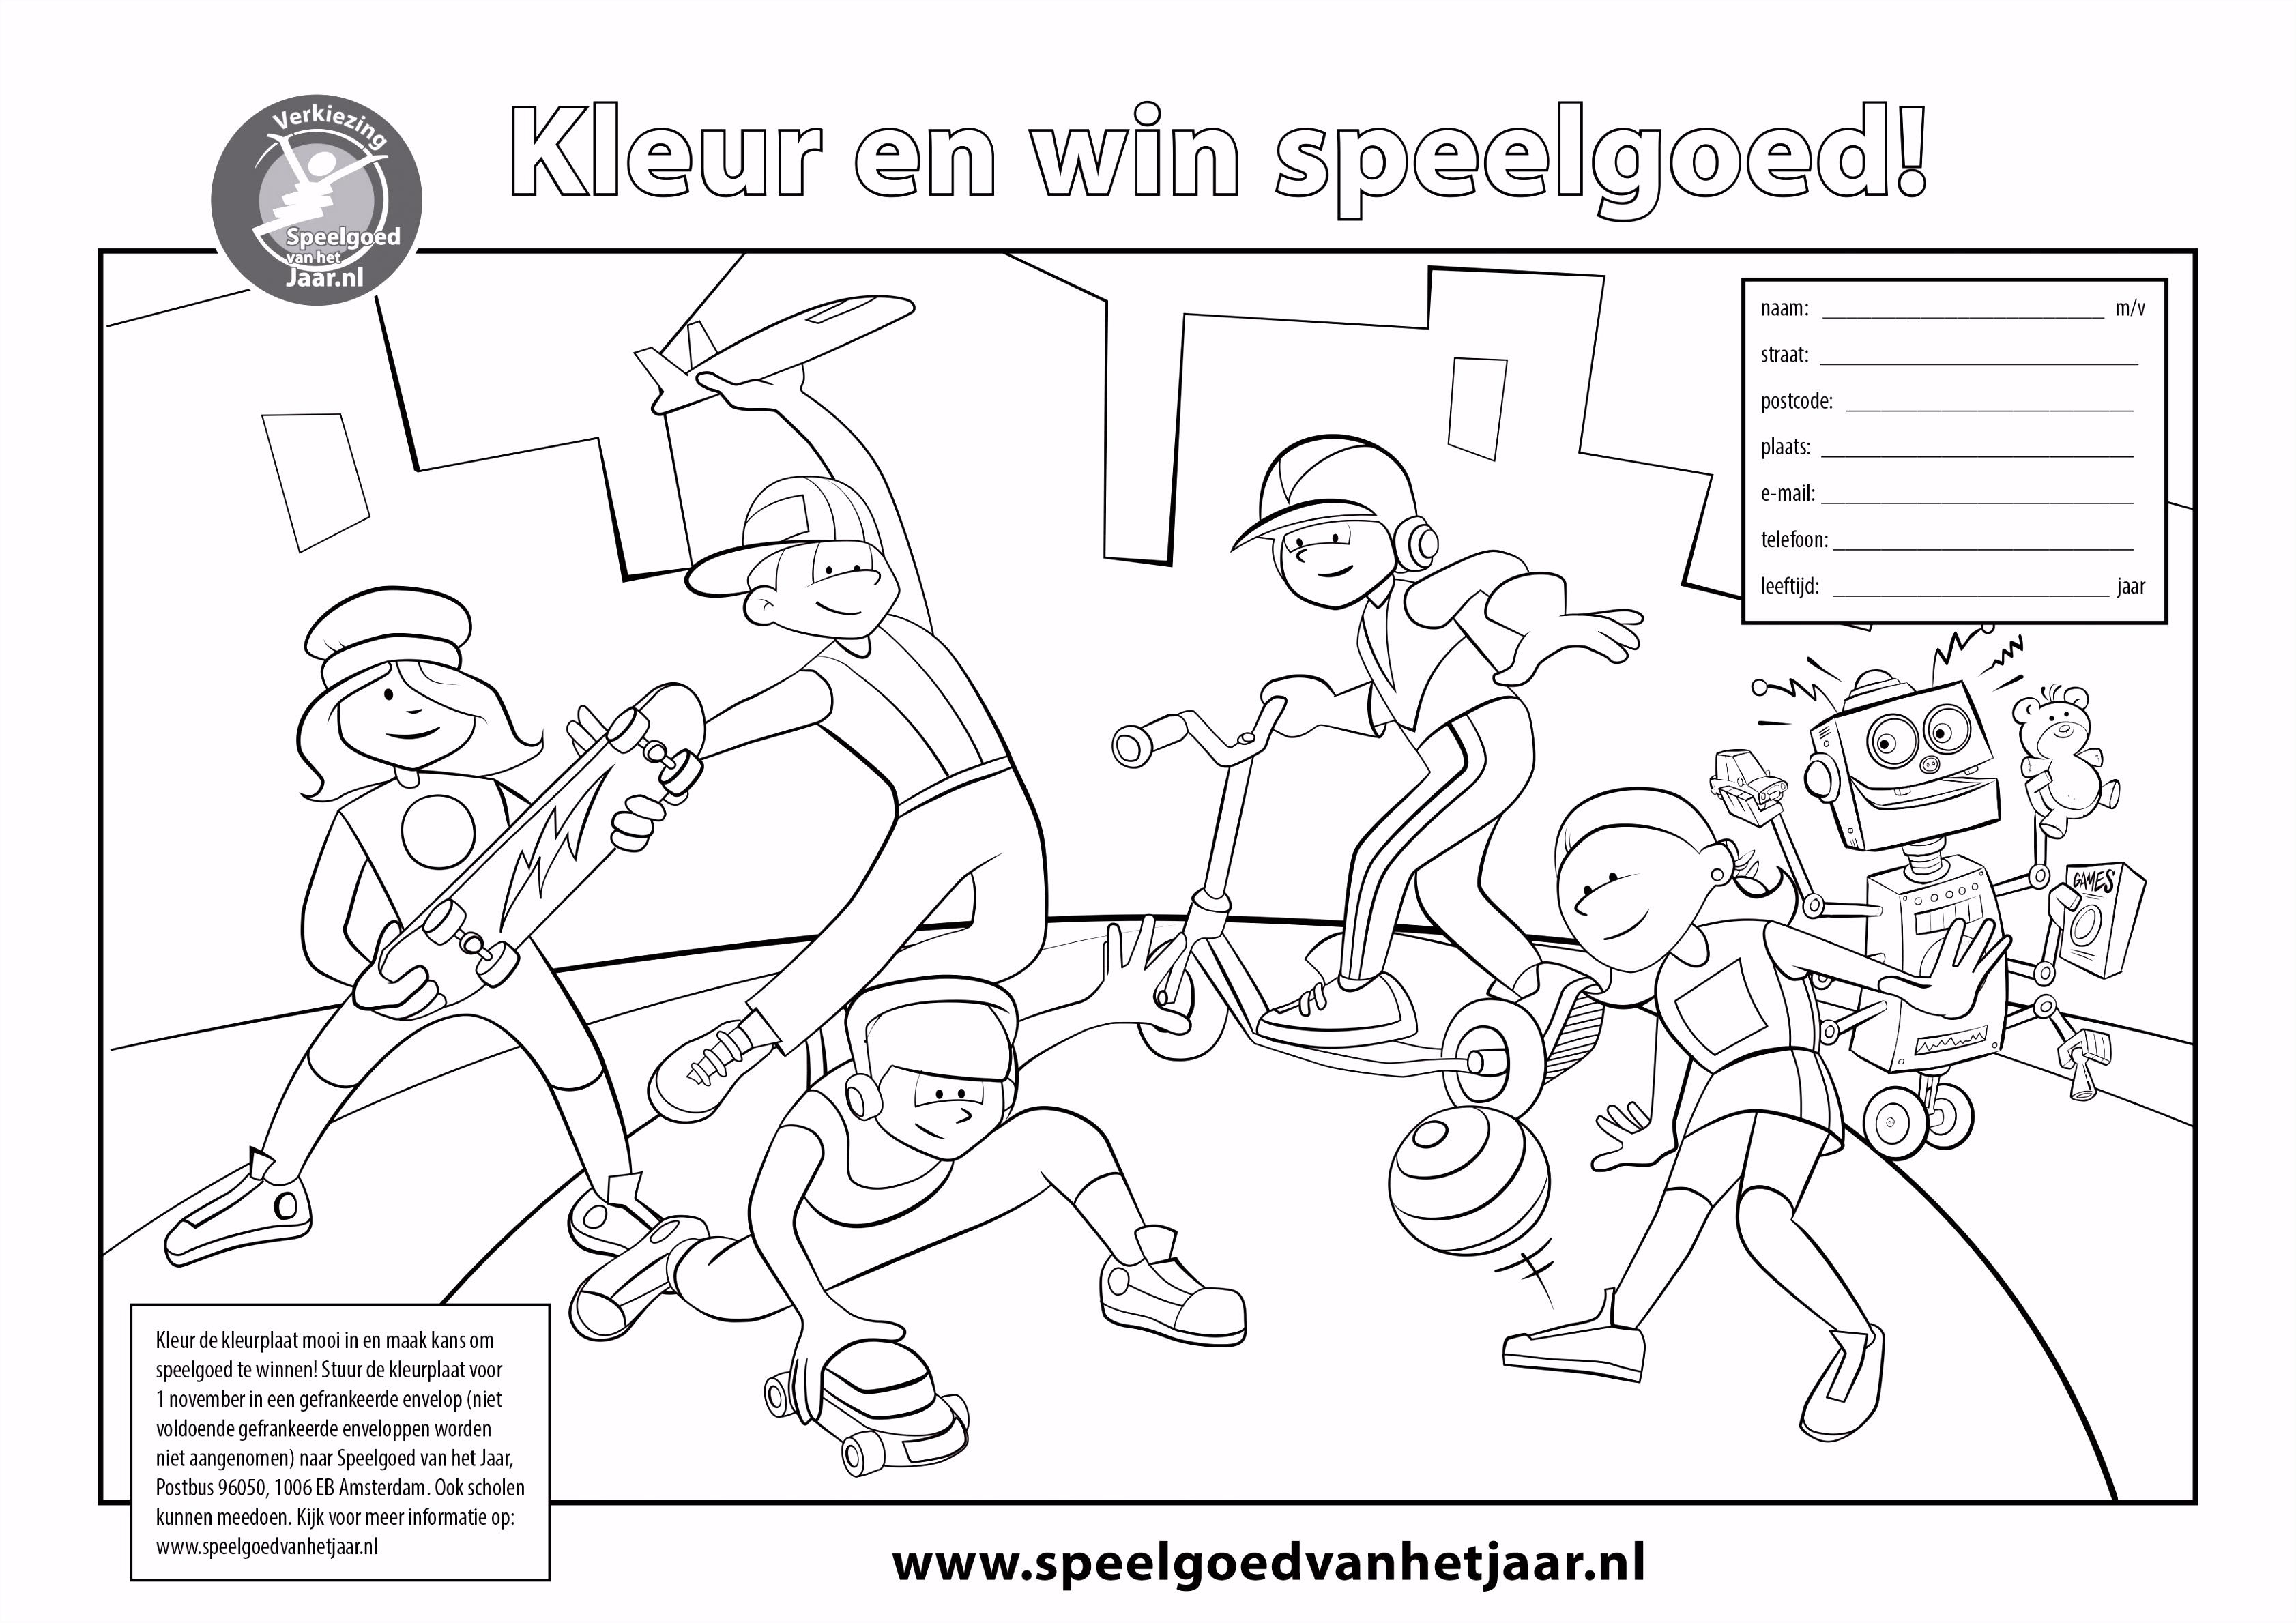 Winnaars Speelgoed Van Het Jaar 2013 Archief Nominaties 2013 C2vj93wwg3 Cvywm4xhk4